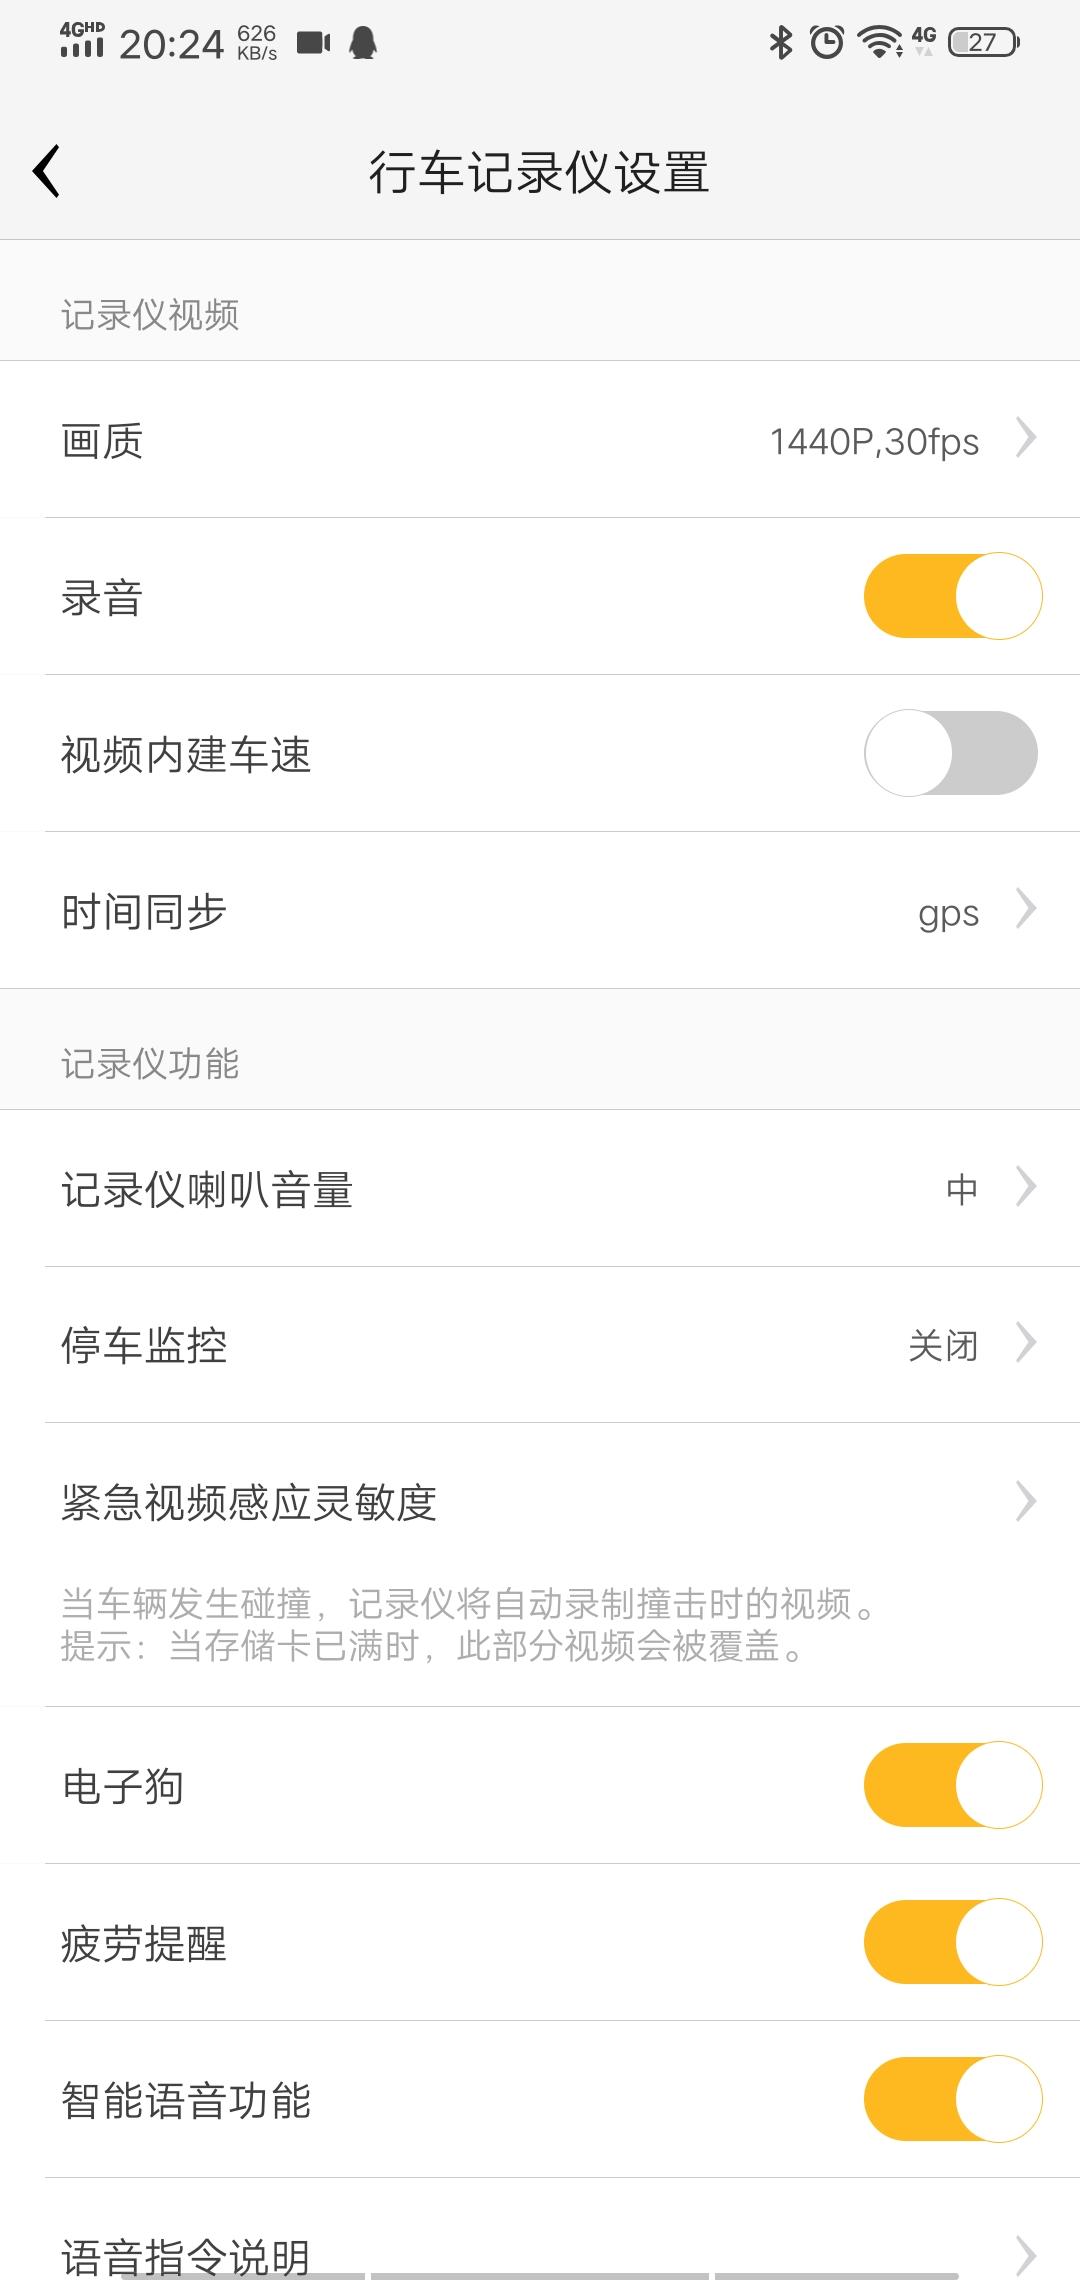 Screenshot_20191221_202422.jpg